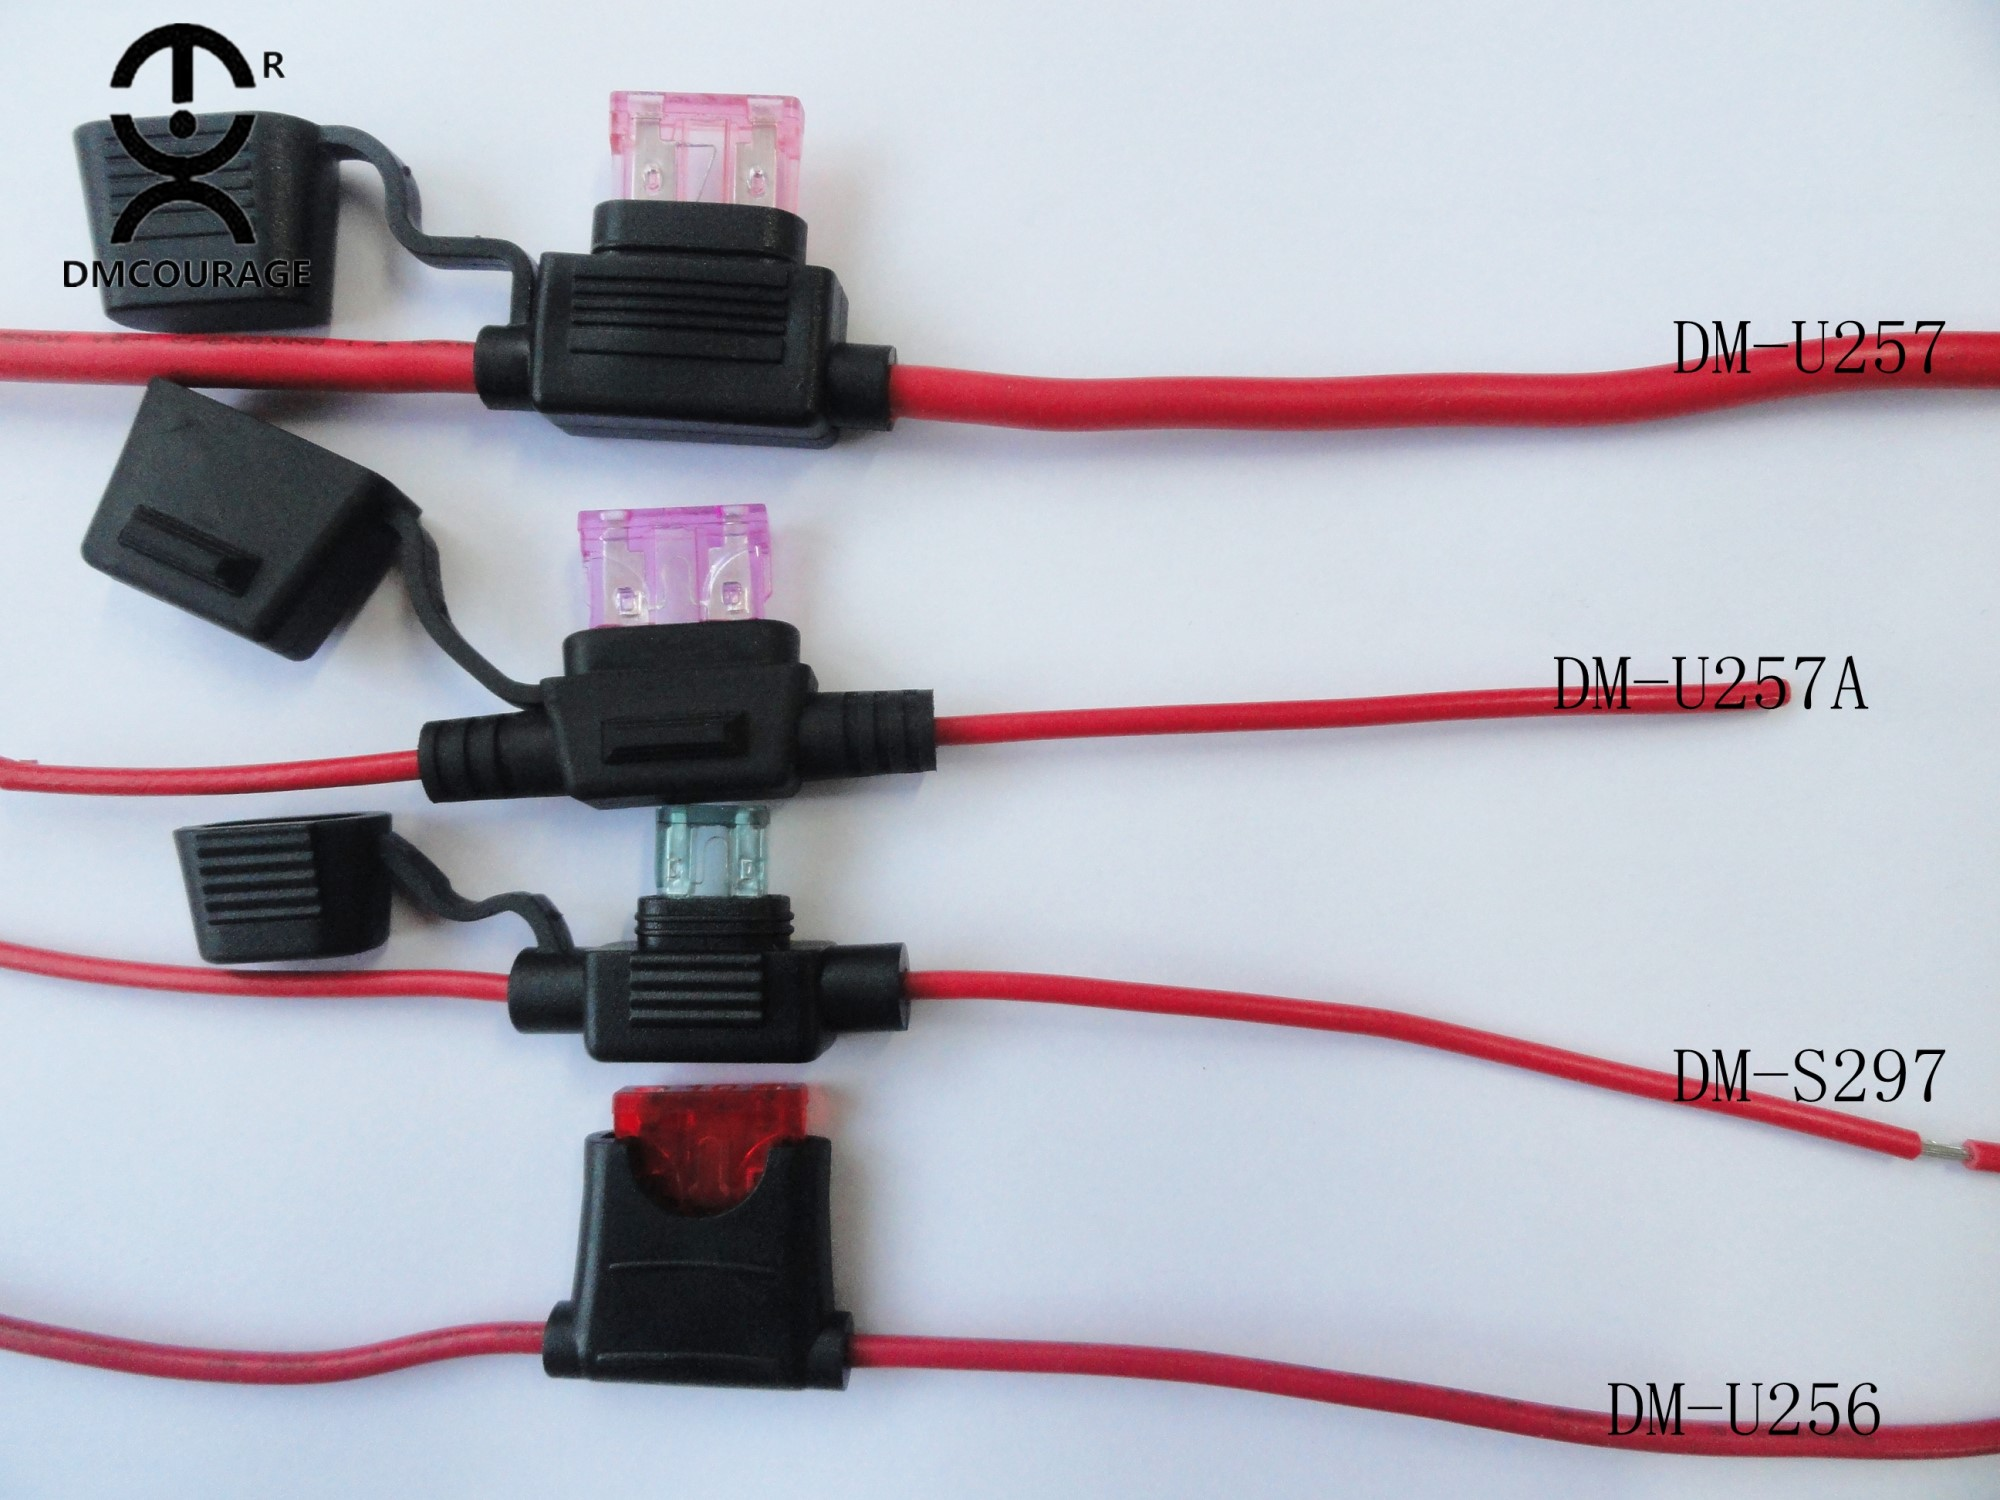 保险丝筒5X20电木汽车拉线筒UL保险丝管拉线盒5|20保险丝盒哪里有-怎么选择质量有保障的保险丝座